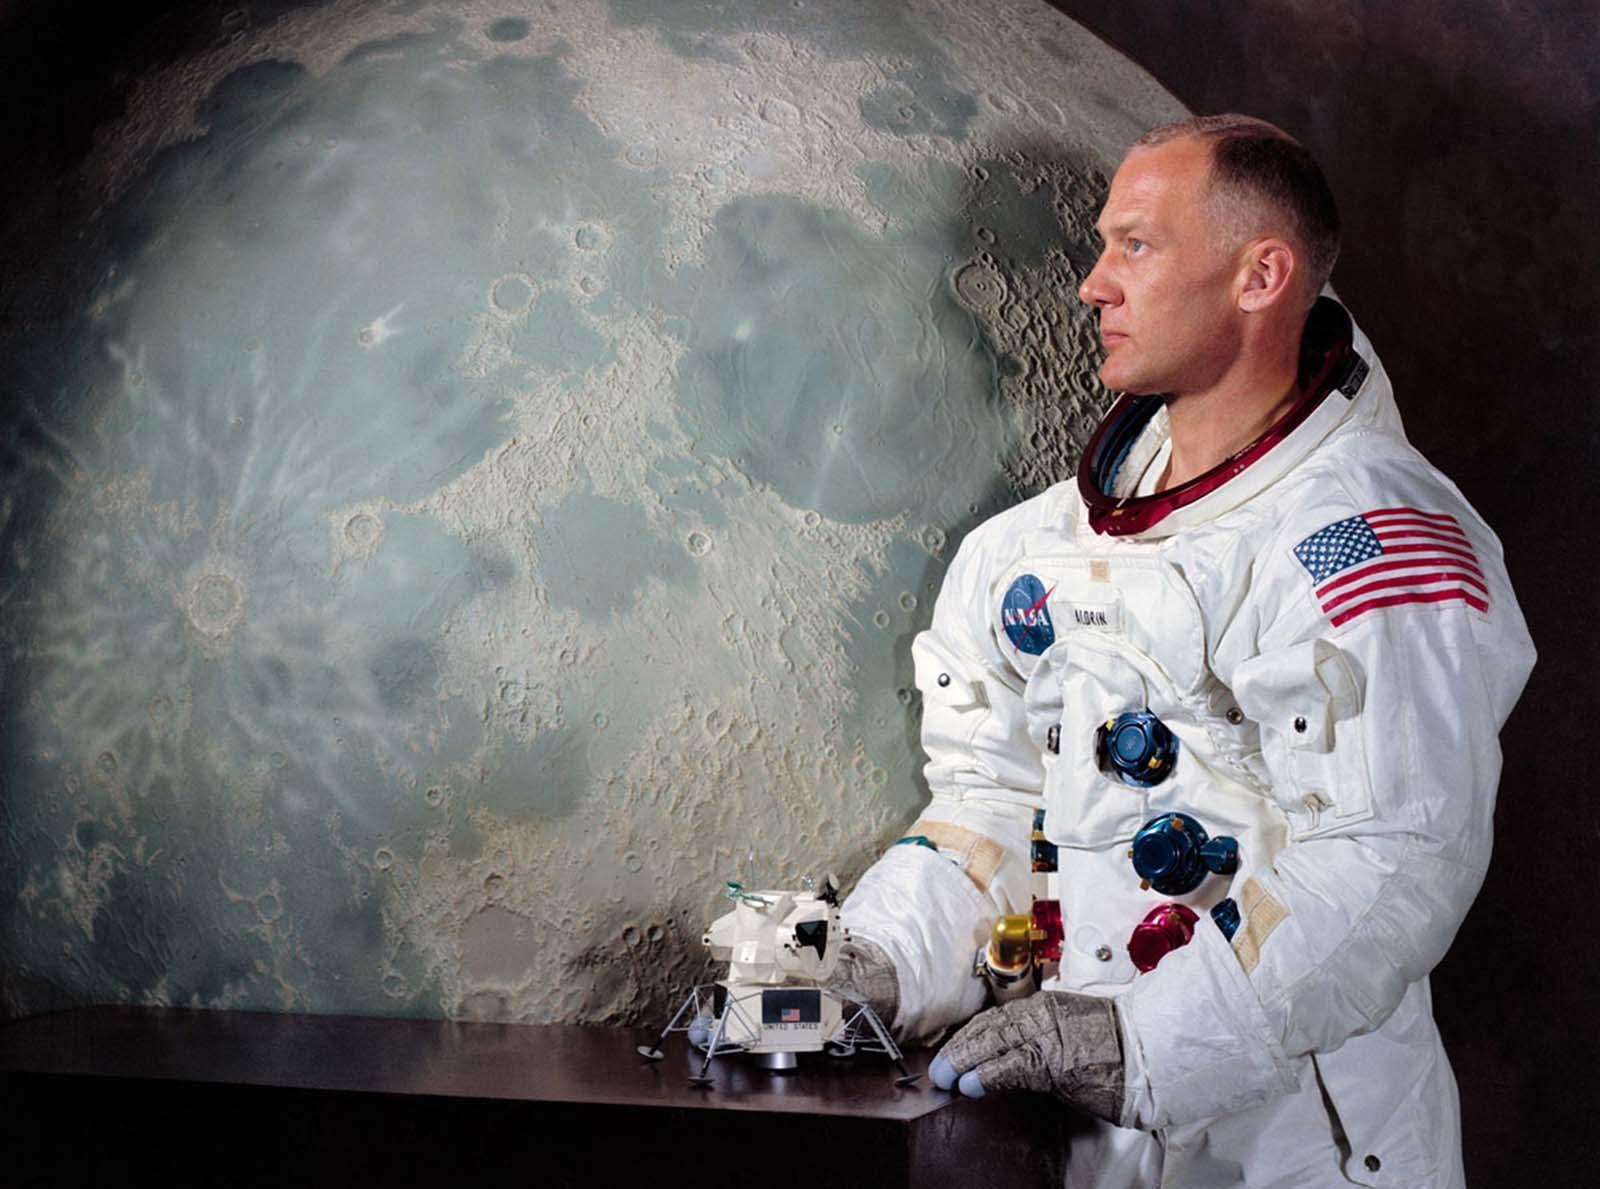 Официальный портрет Аполлона-11